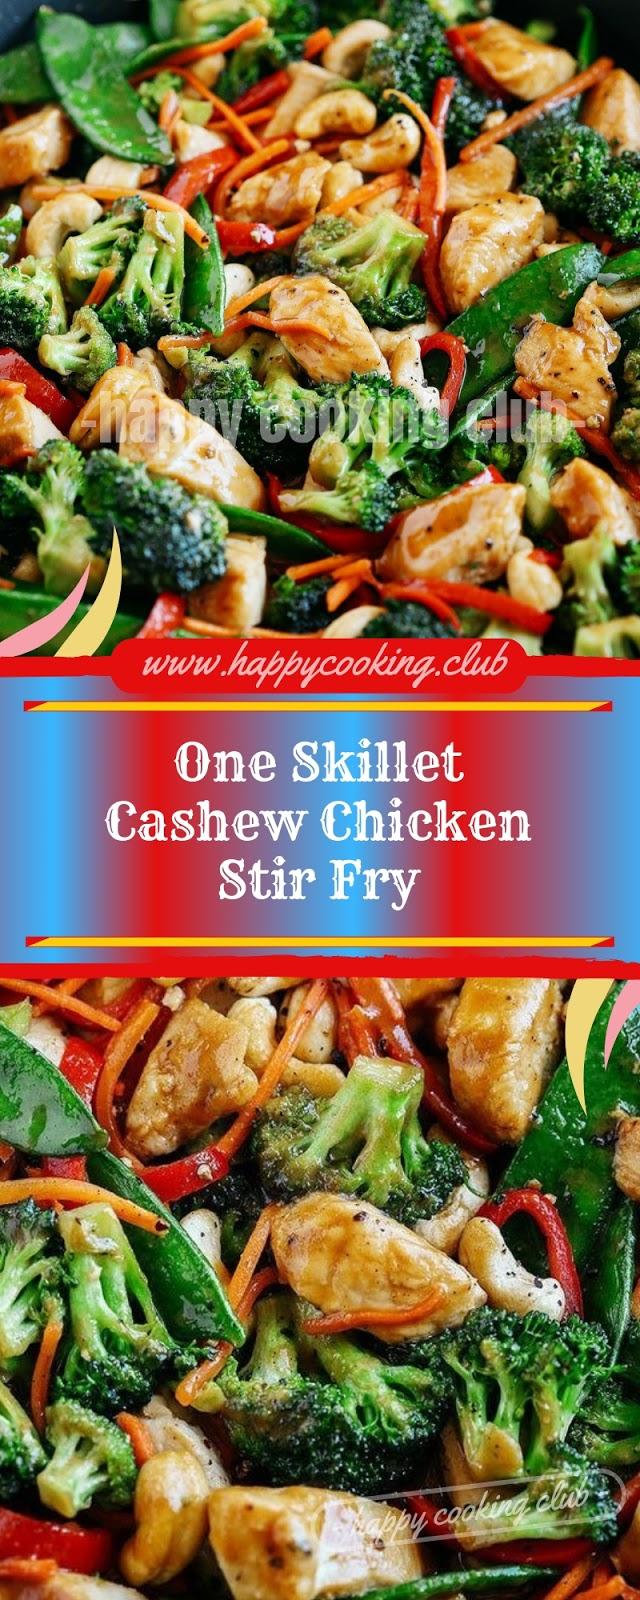 One Skillet Cashew Chicken Stir Fry